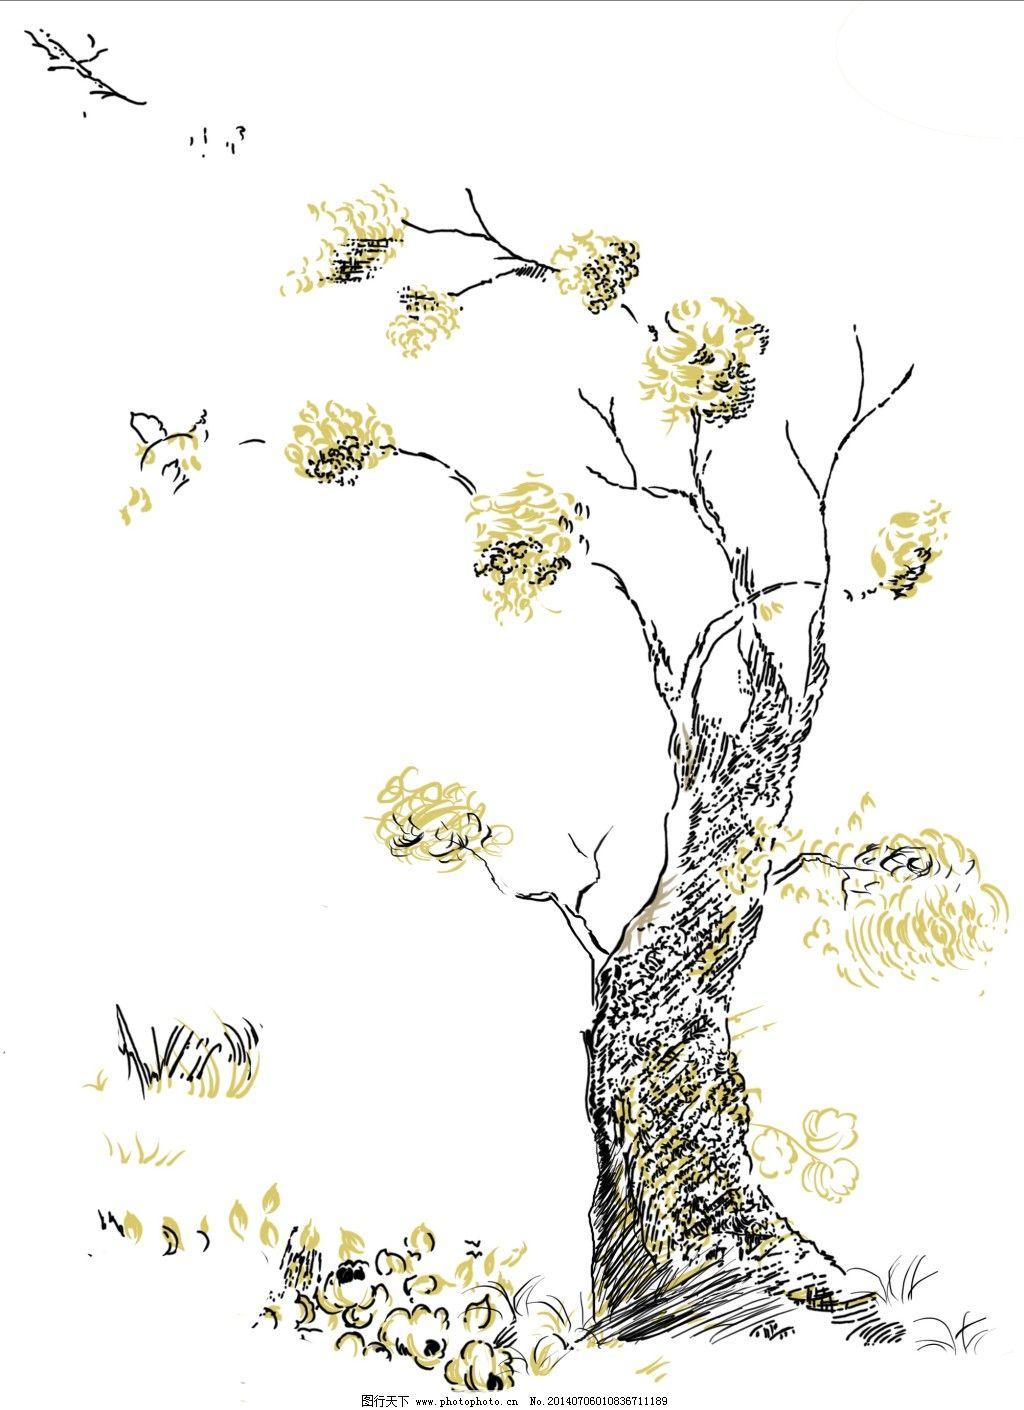 手绘图 枯树 手绘图 手绘素材 枯树手绘插画 枯树psd分层素材 装饰